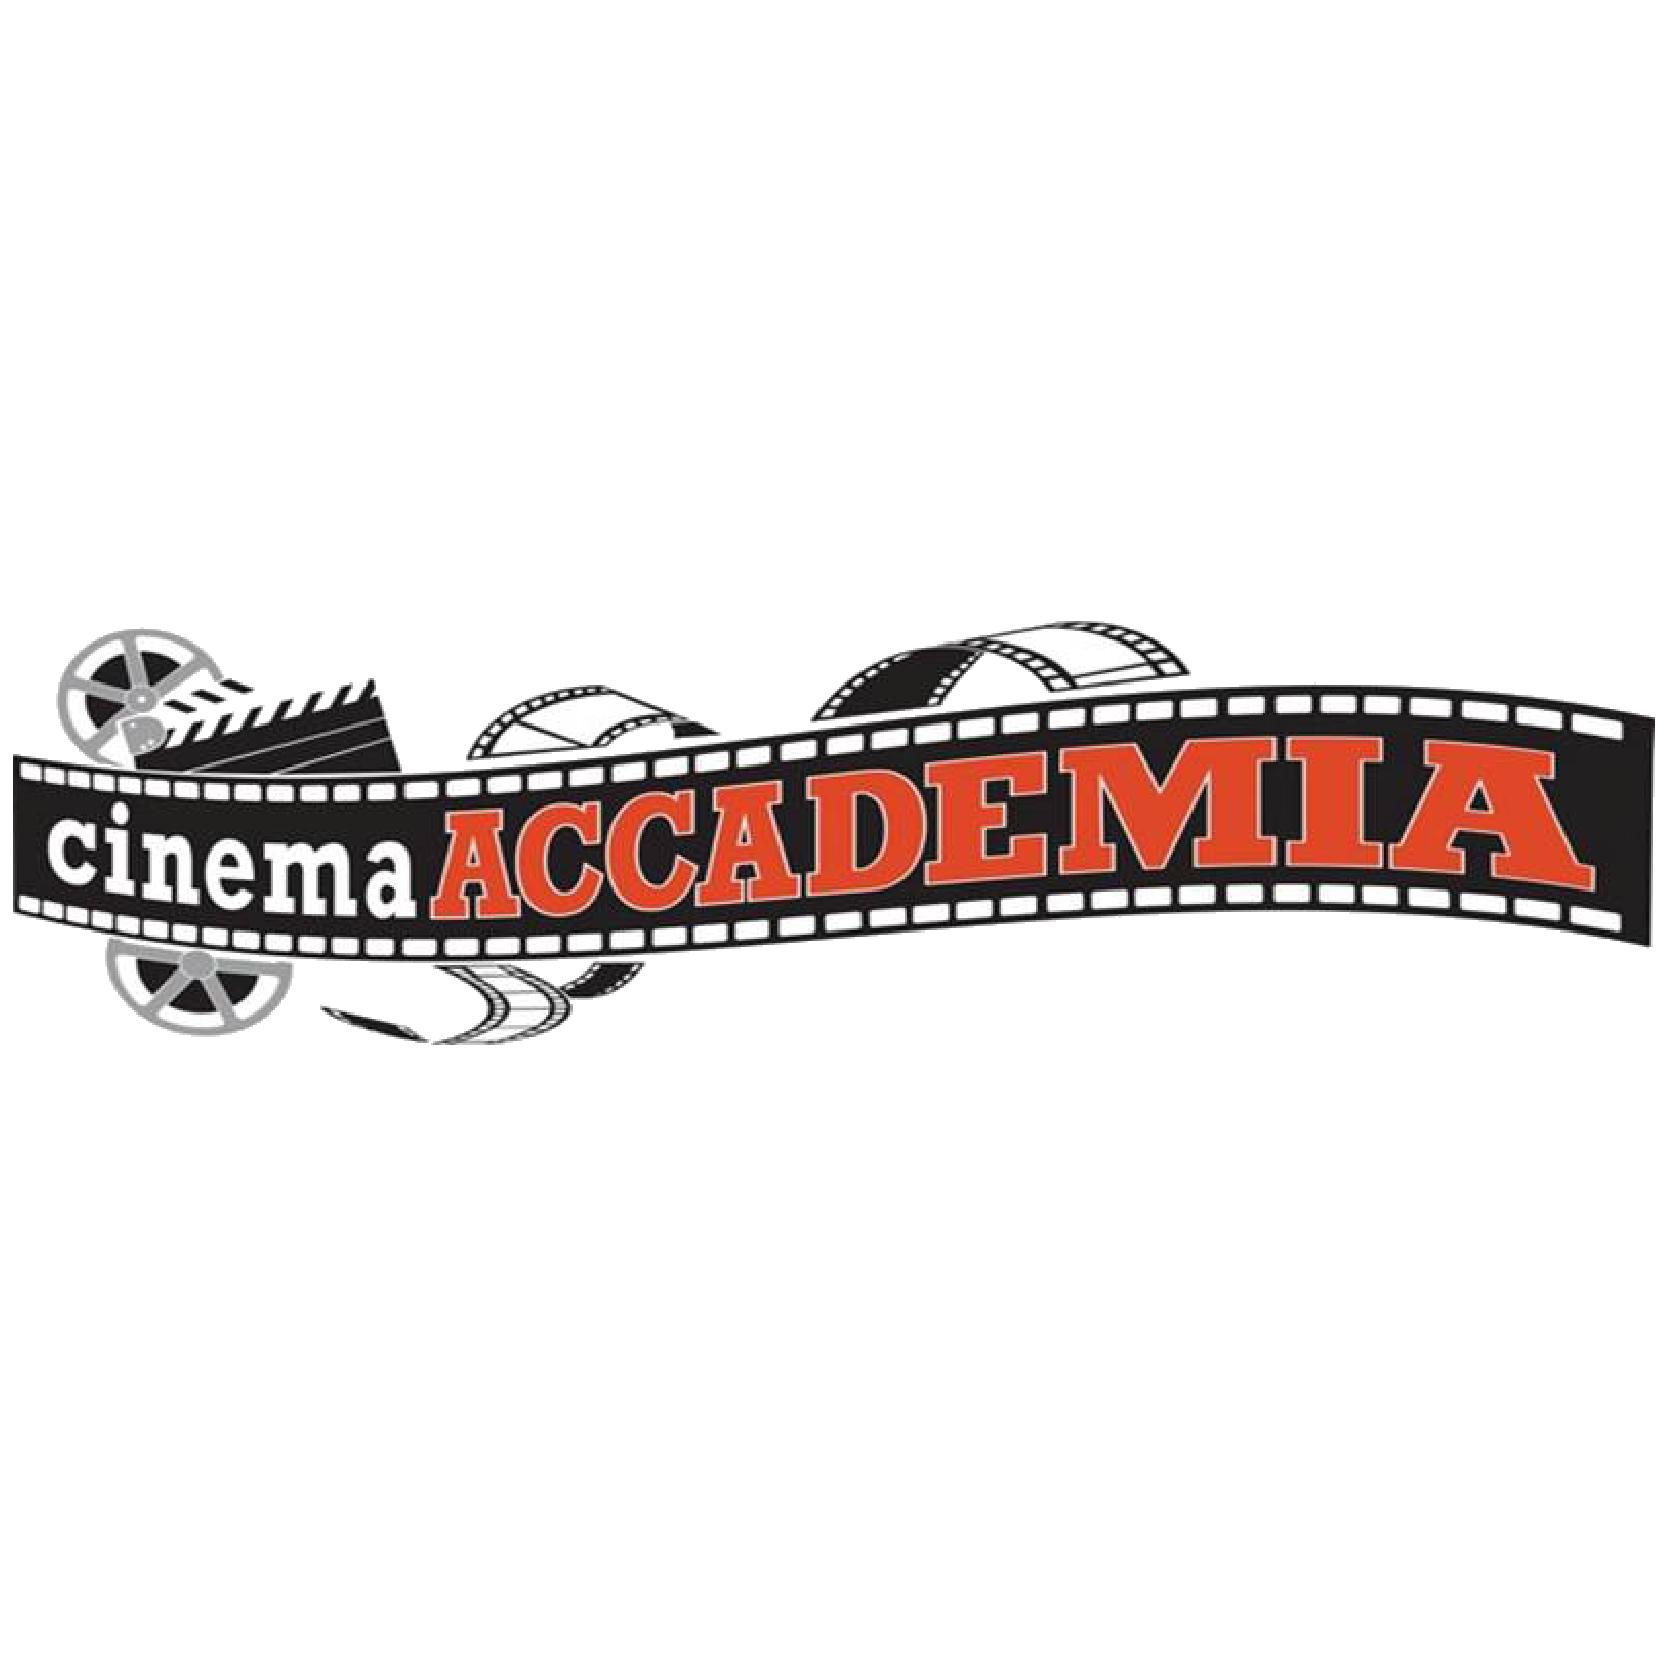 AccademiaCinema